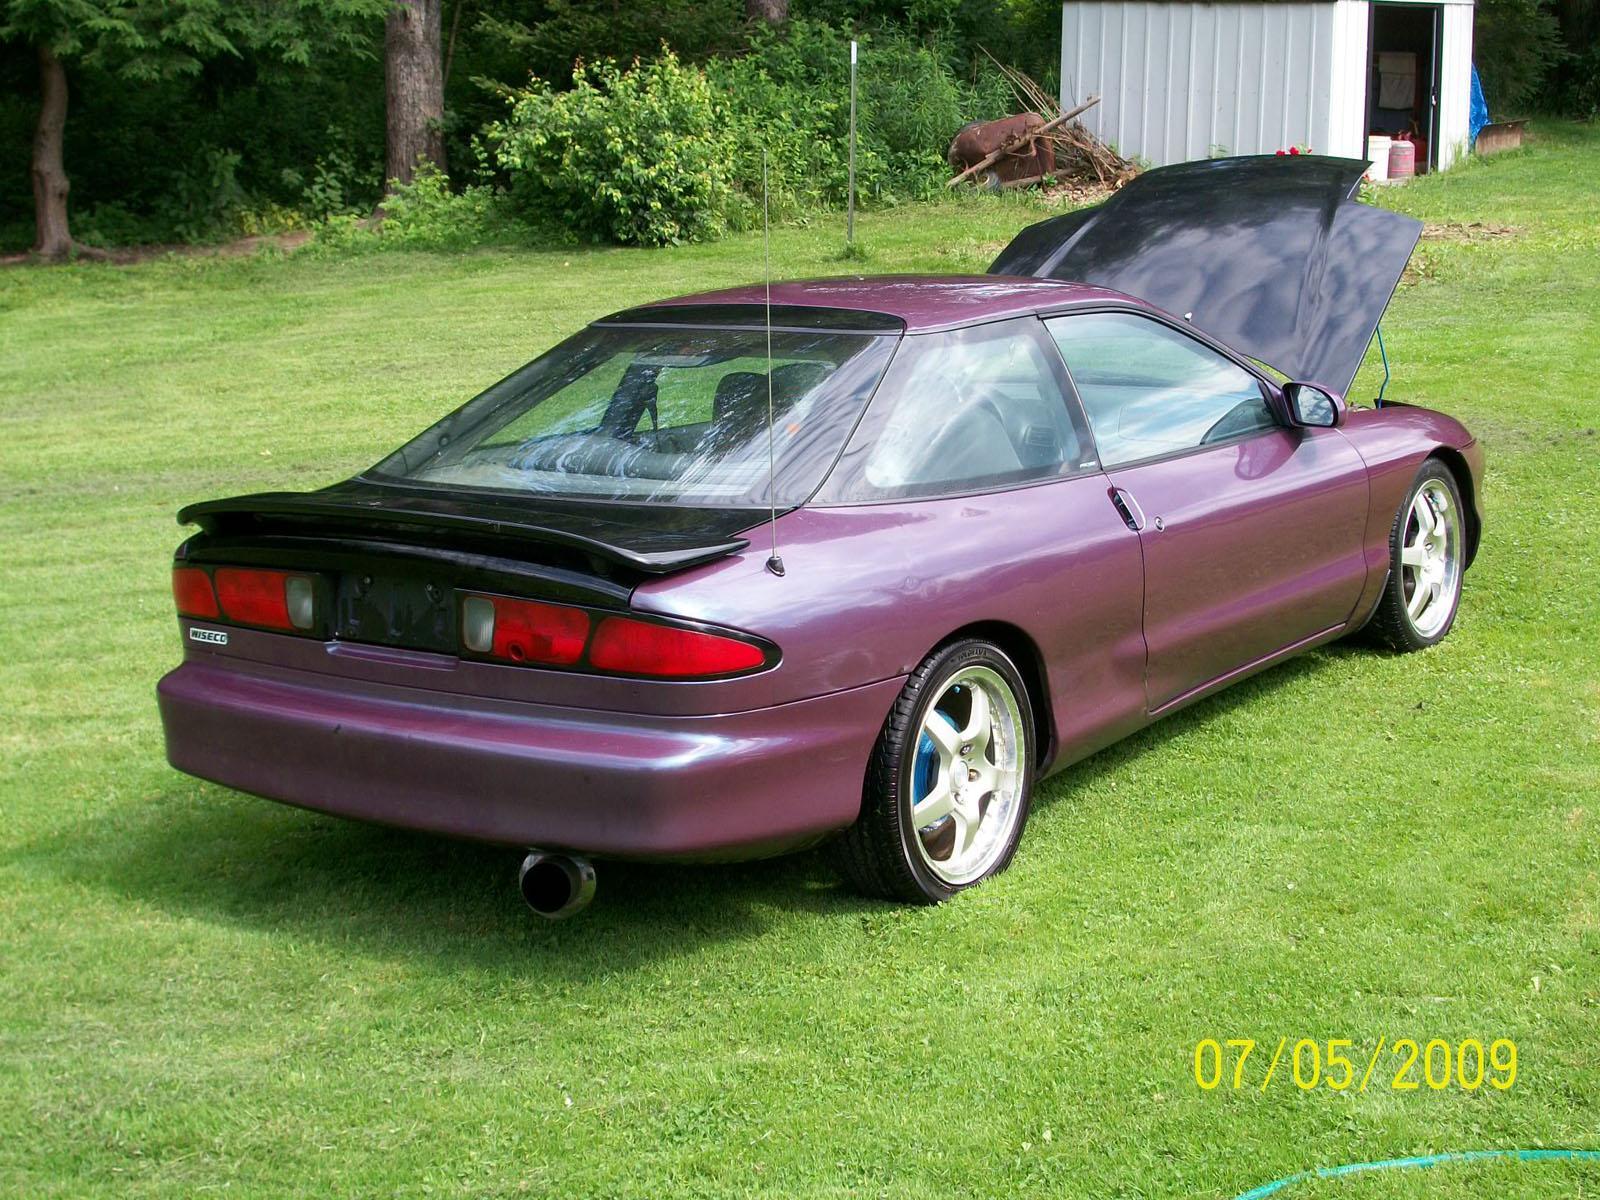 800 1024 1280 1600 Origin 1995 Ford Probe